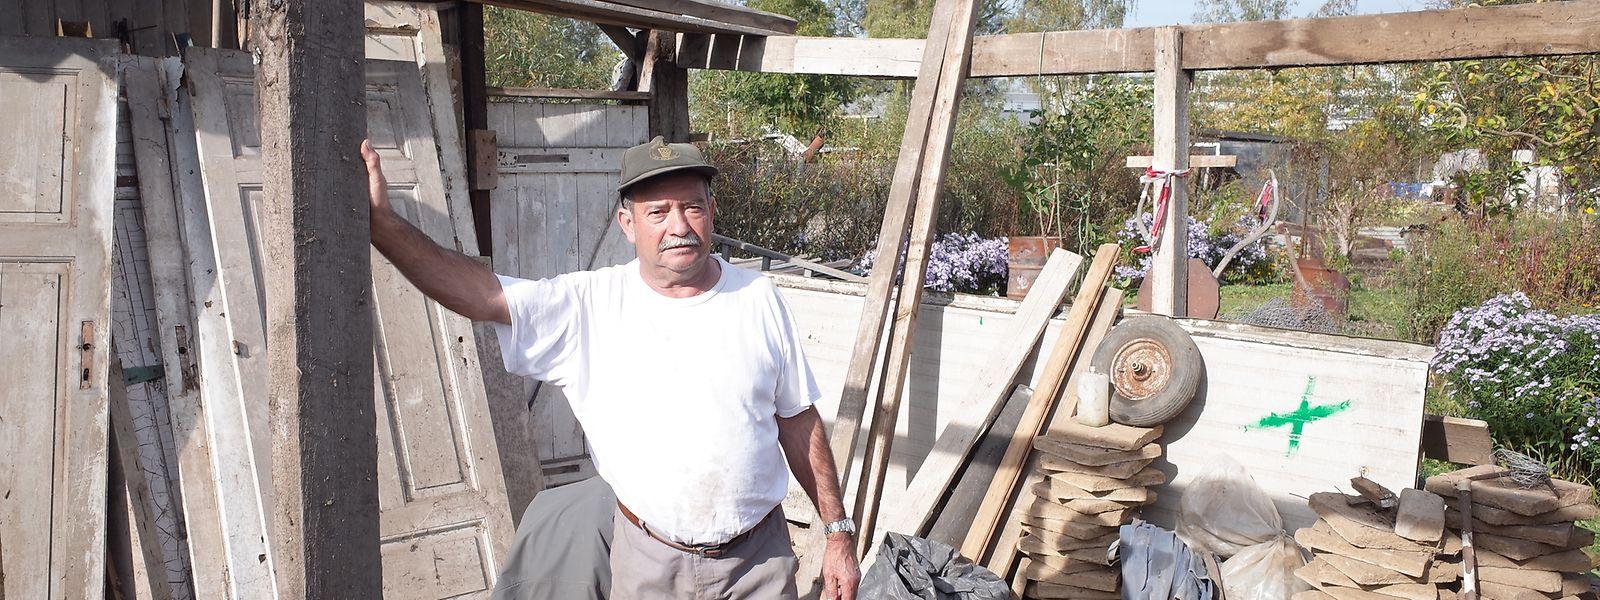 30 Jahre lang hat Armando Goncalves Carvalho eine Gartenparzelle in Elsenbrich geplfegt. Nun will er seine Gartenhütte in Differdingen neu errichten.